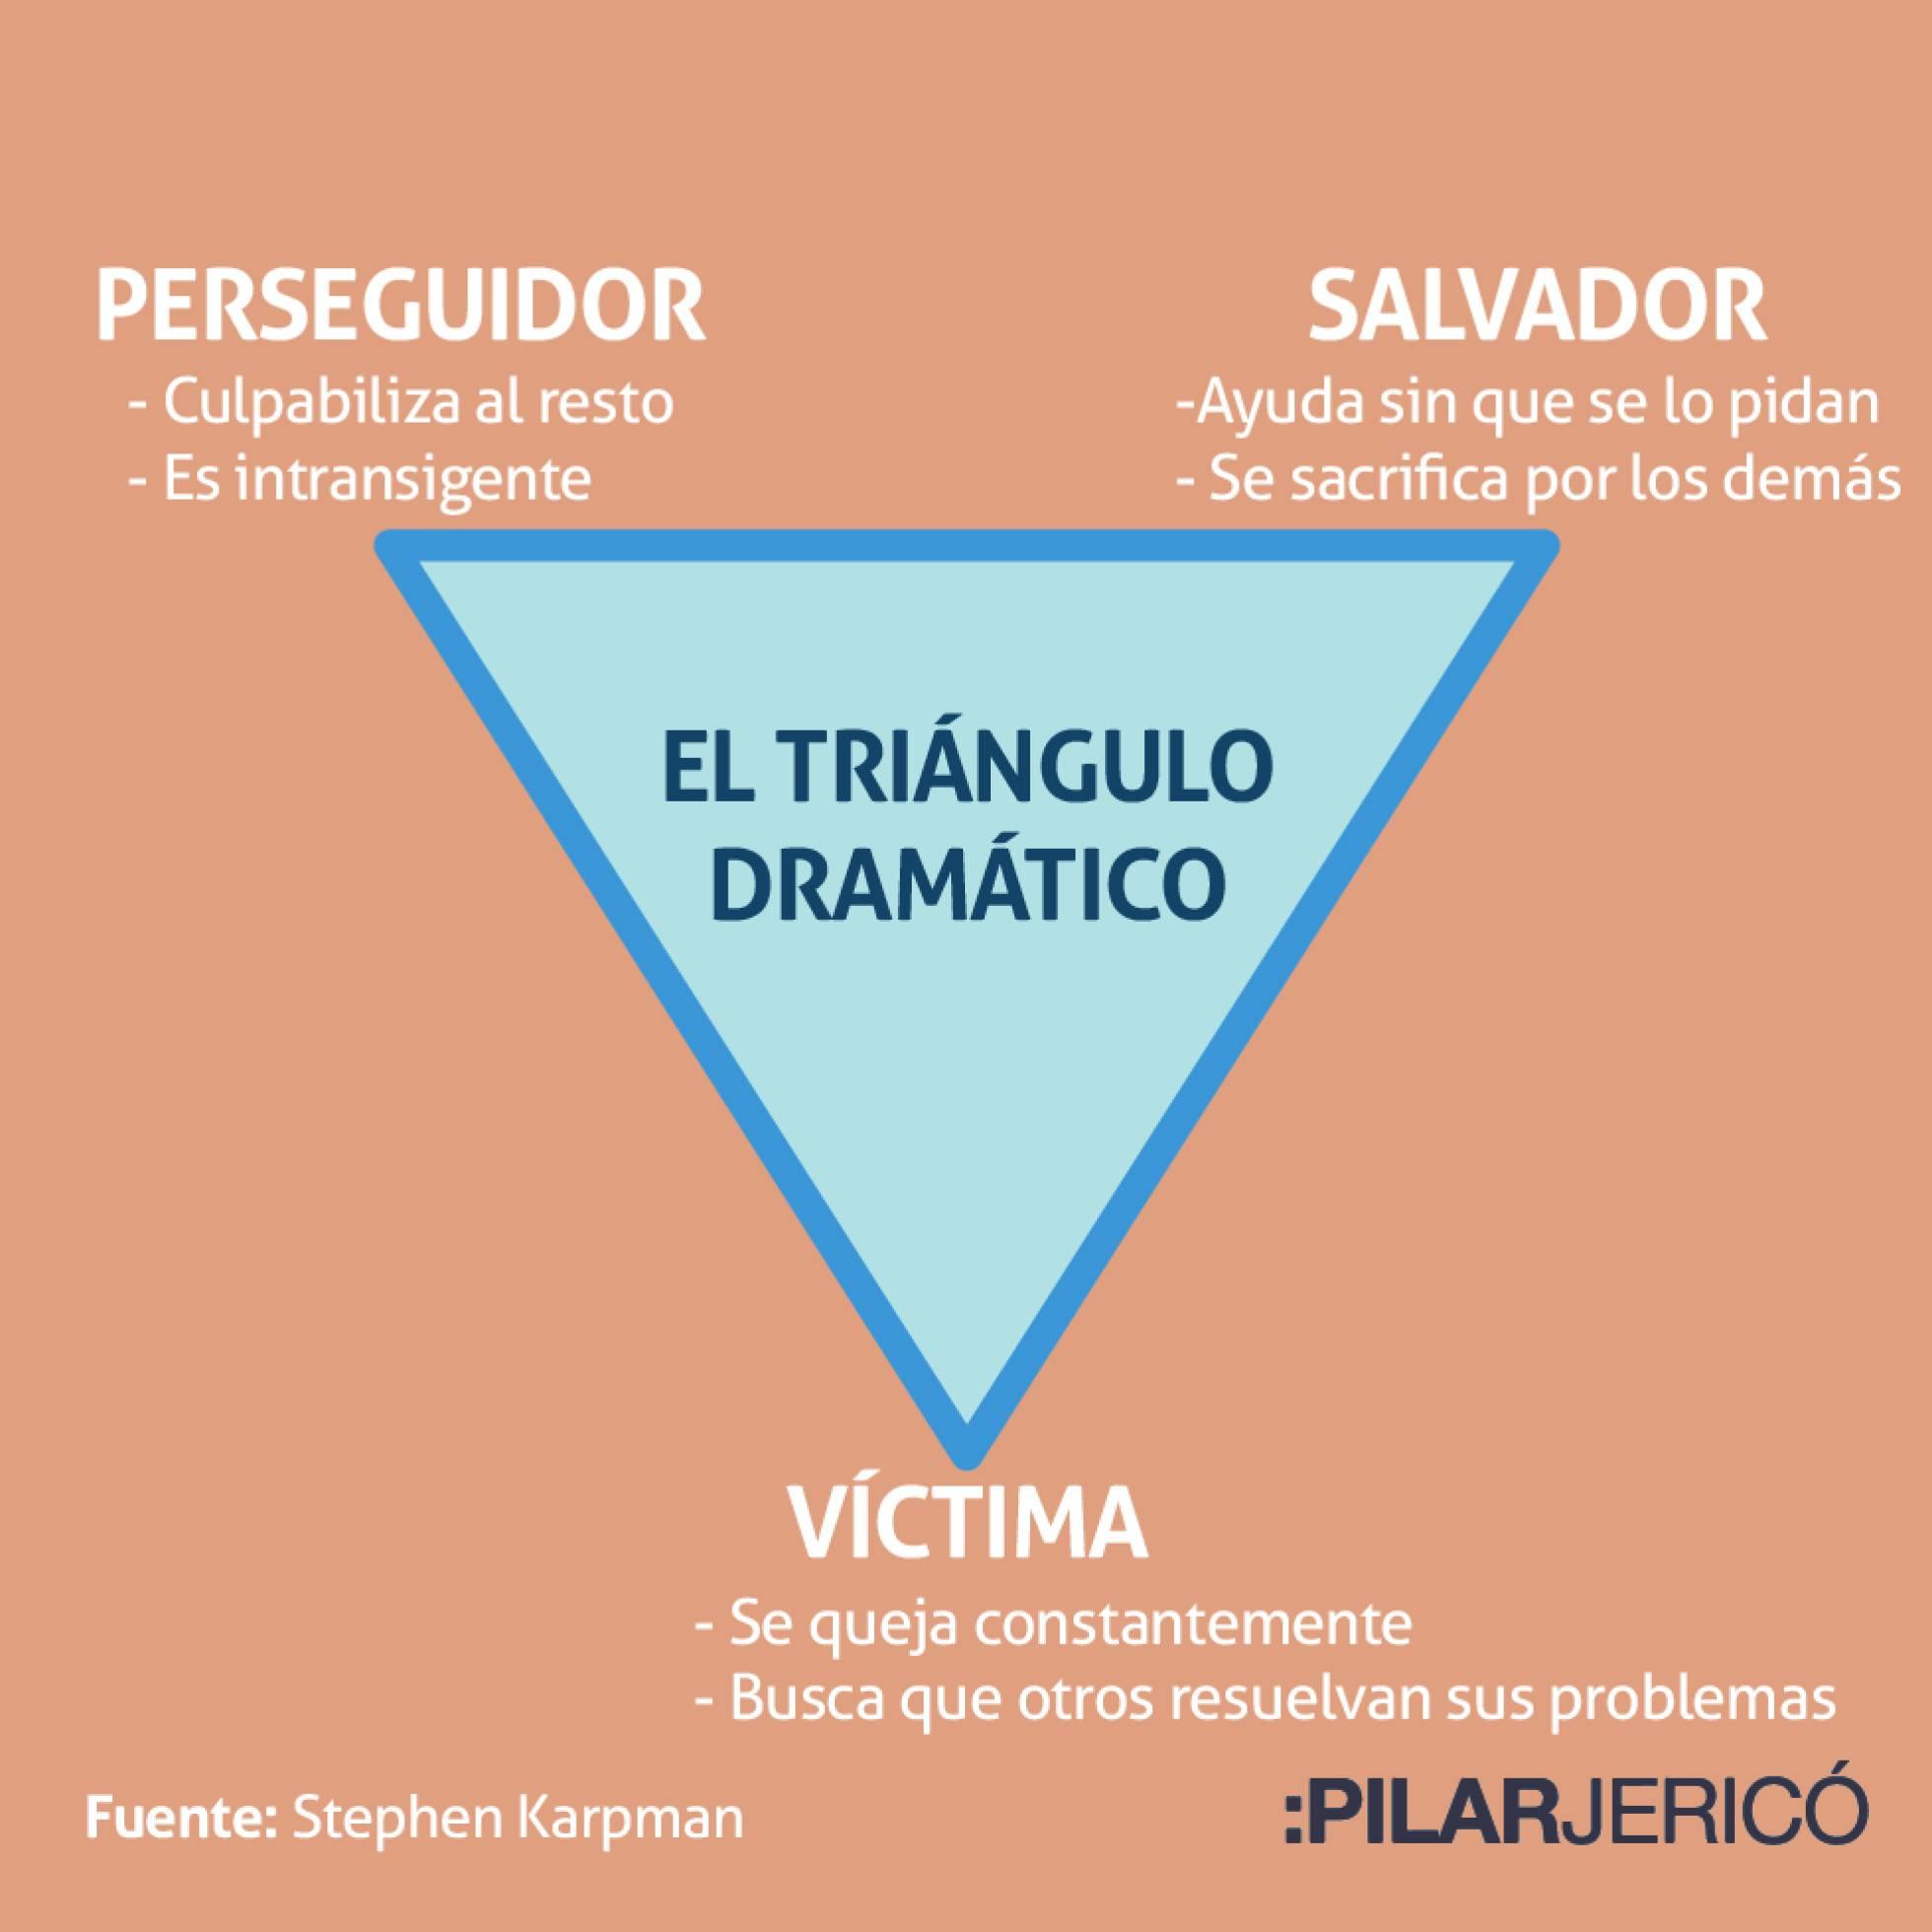 Triángulo dramático: perseguidor, salvador o víctima